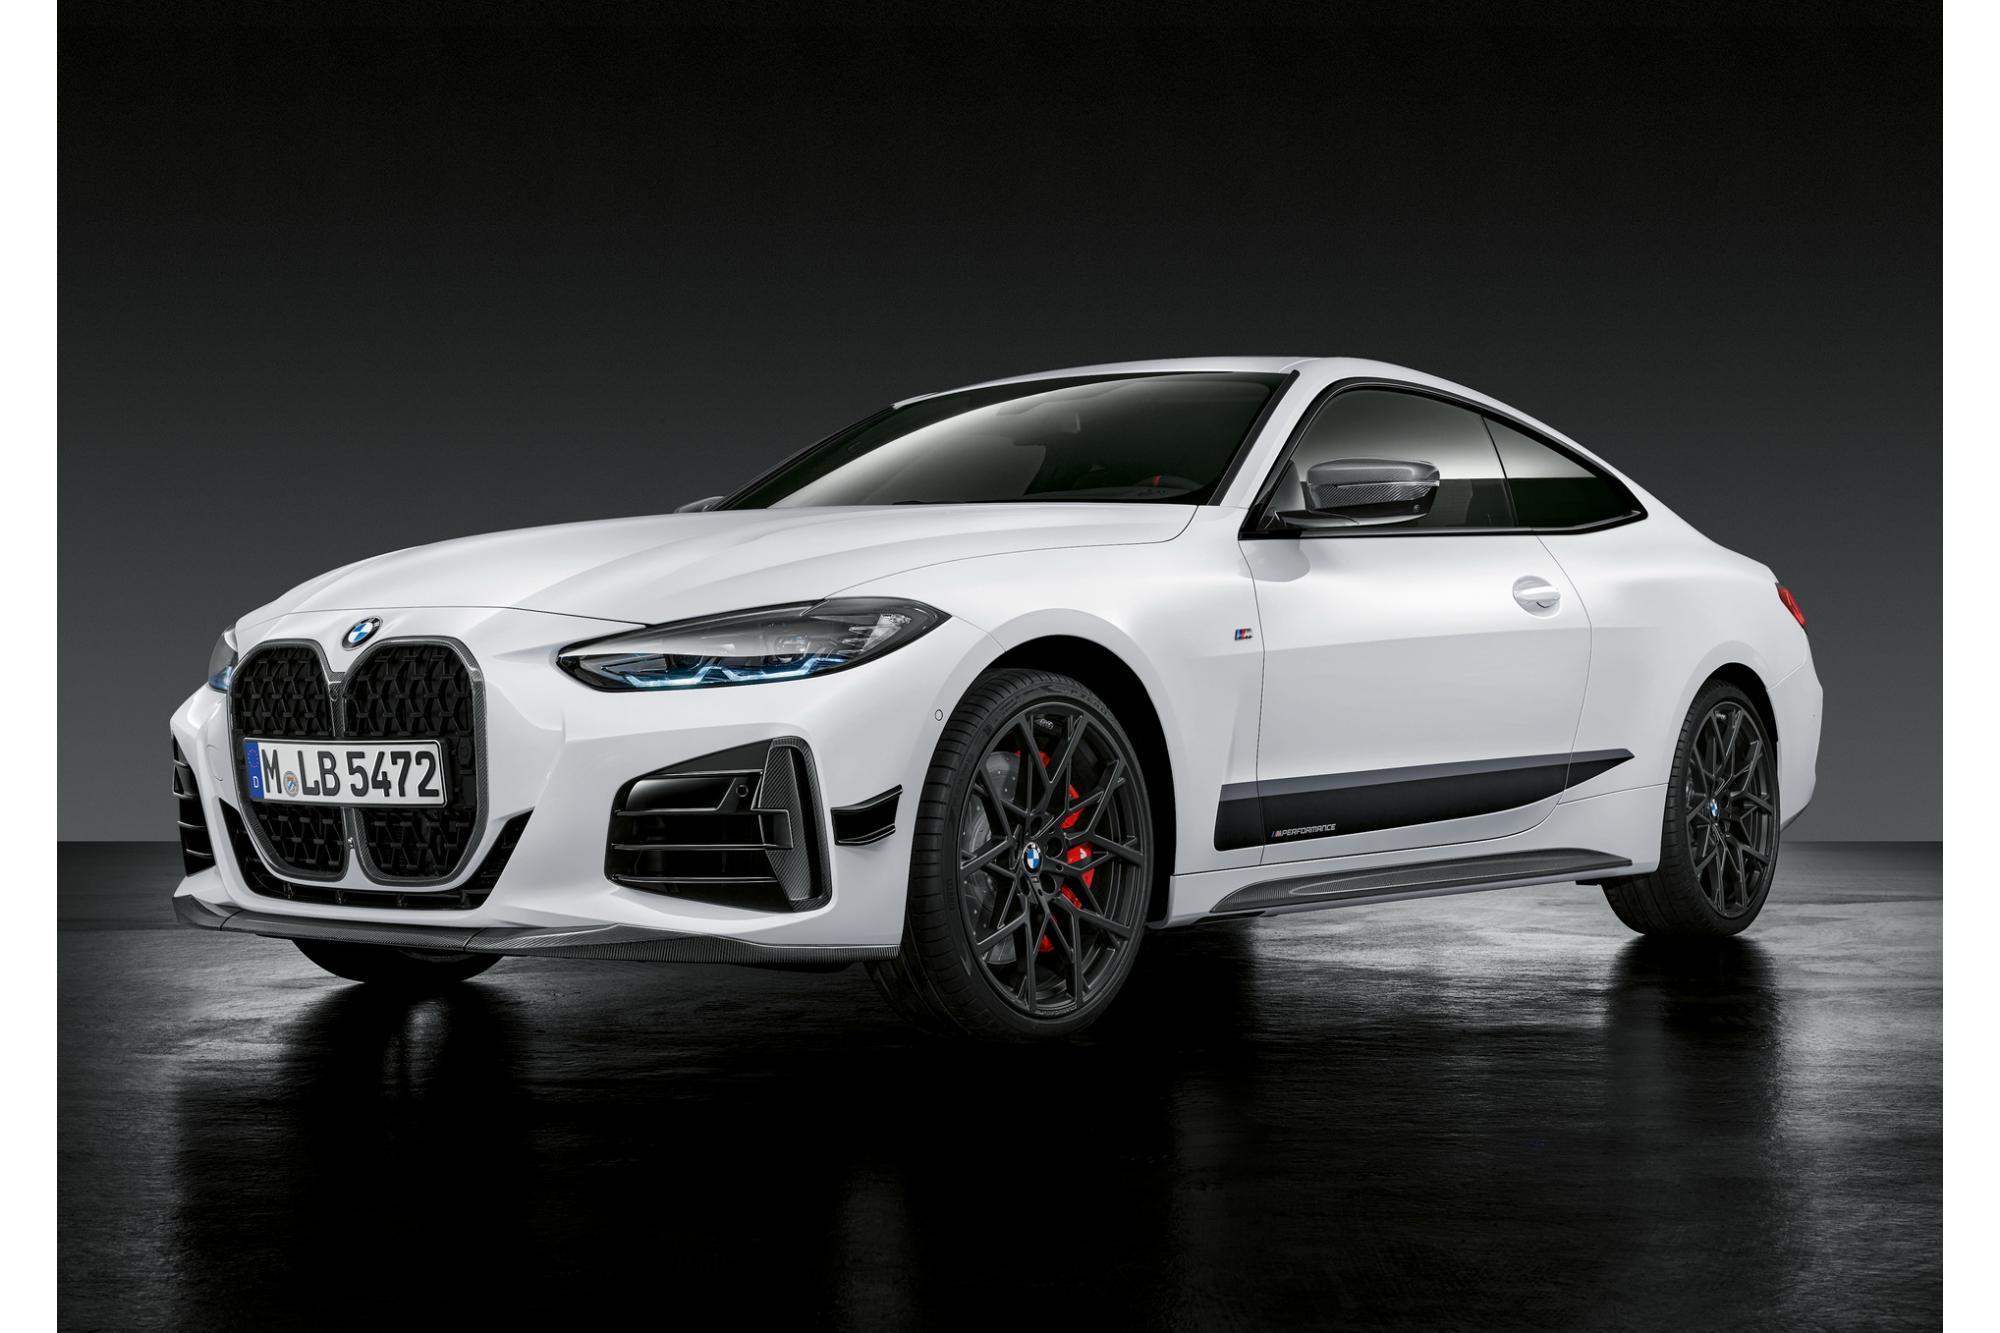 Δείτε τη νέα BMW 4-series πριν την επίσημη παρουσίαση!